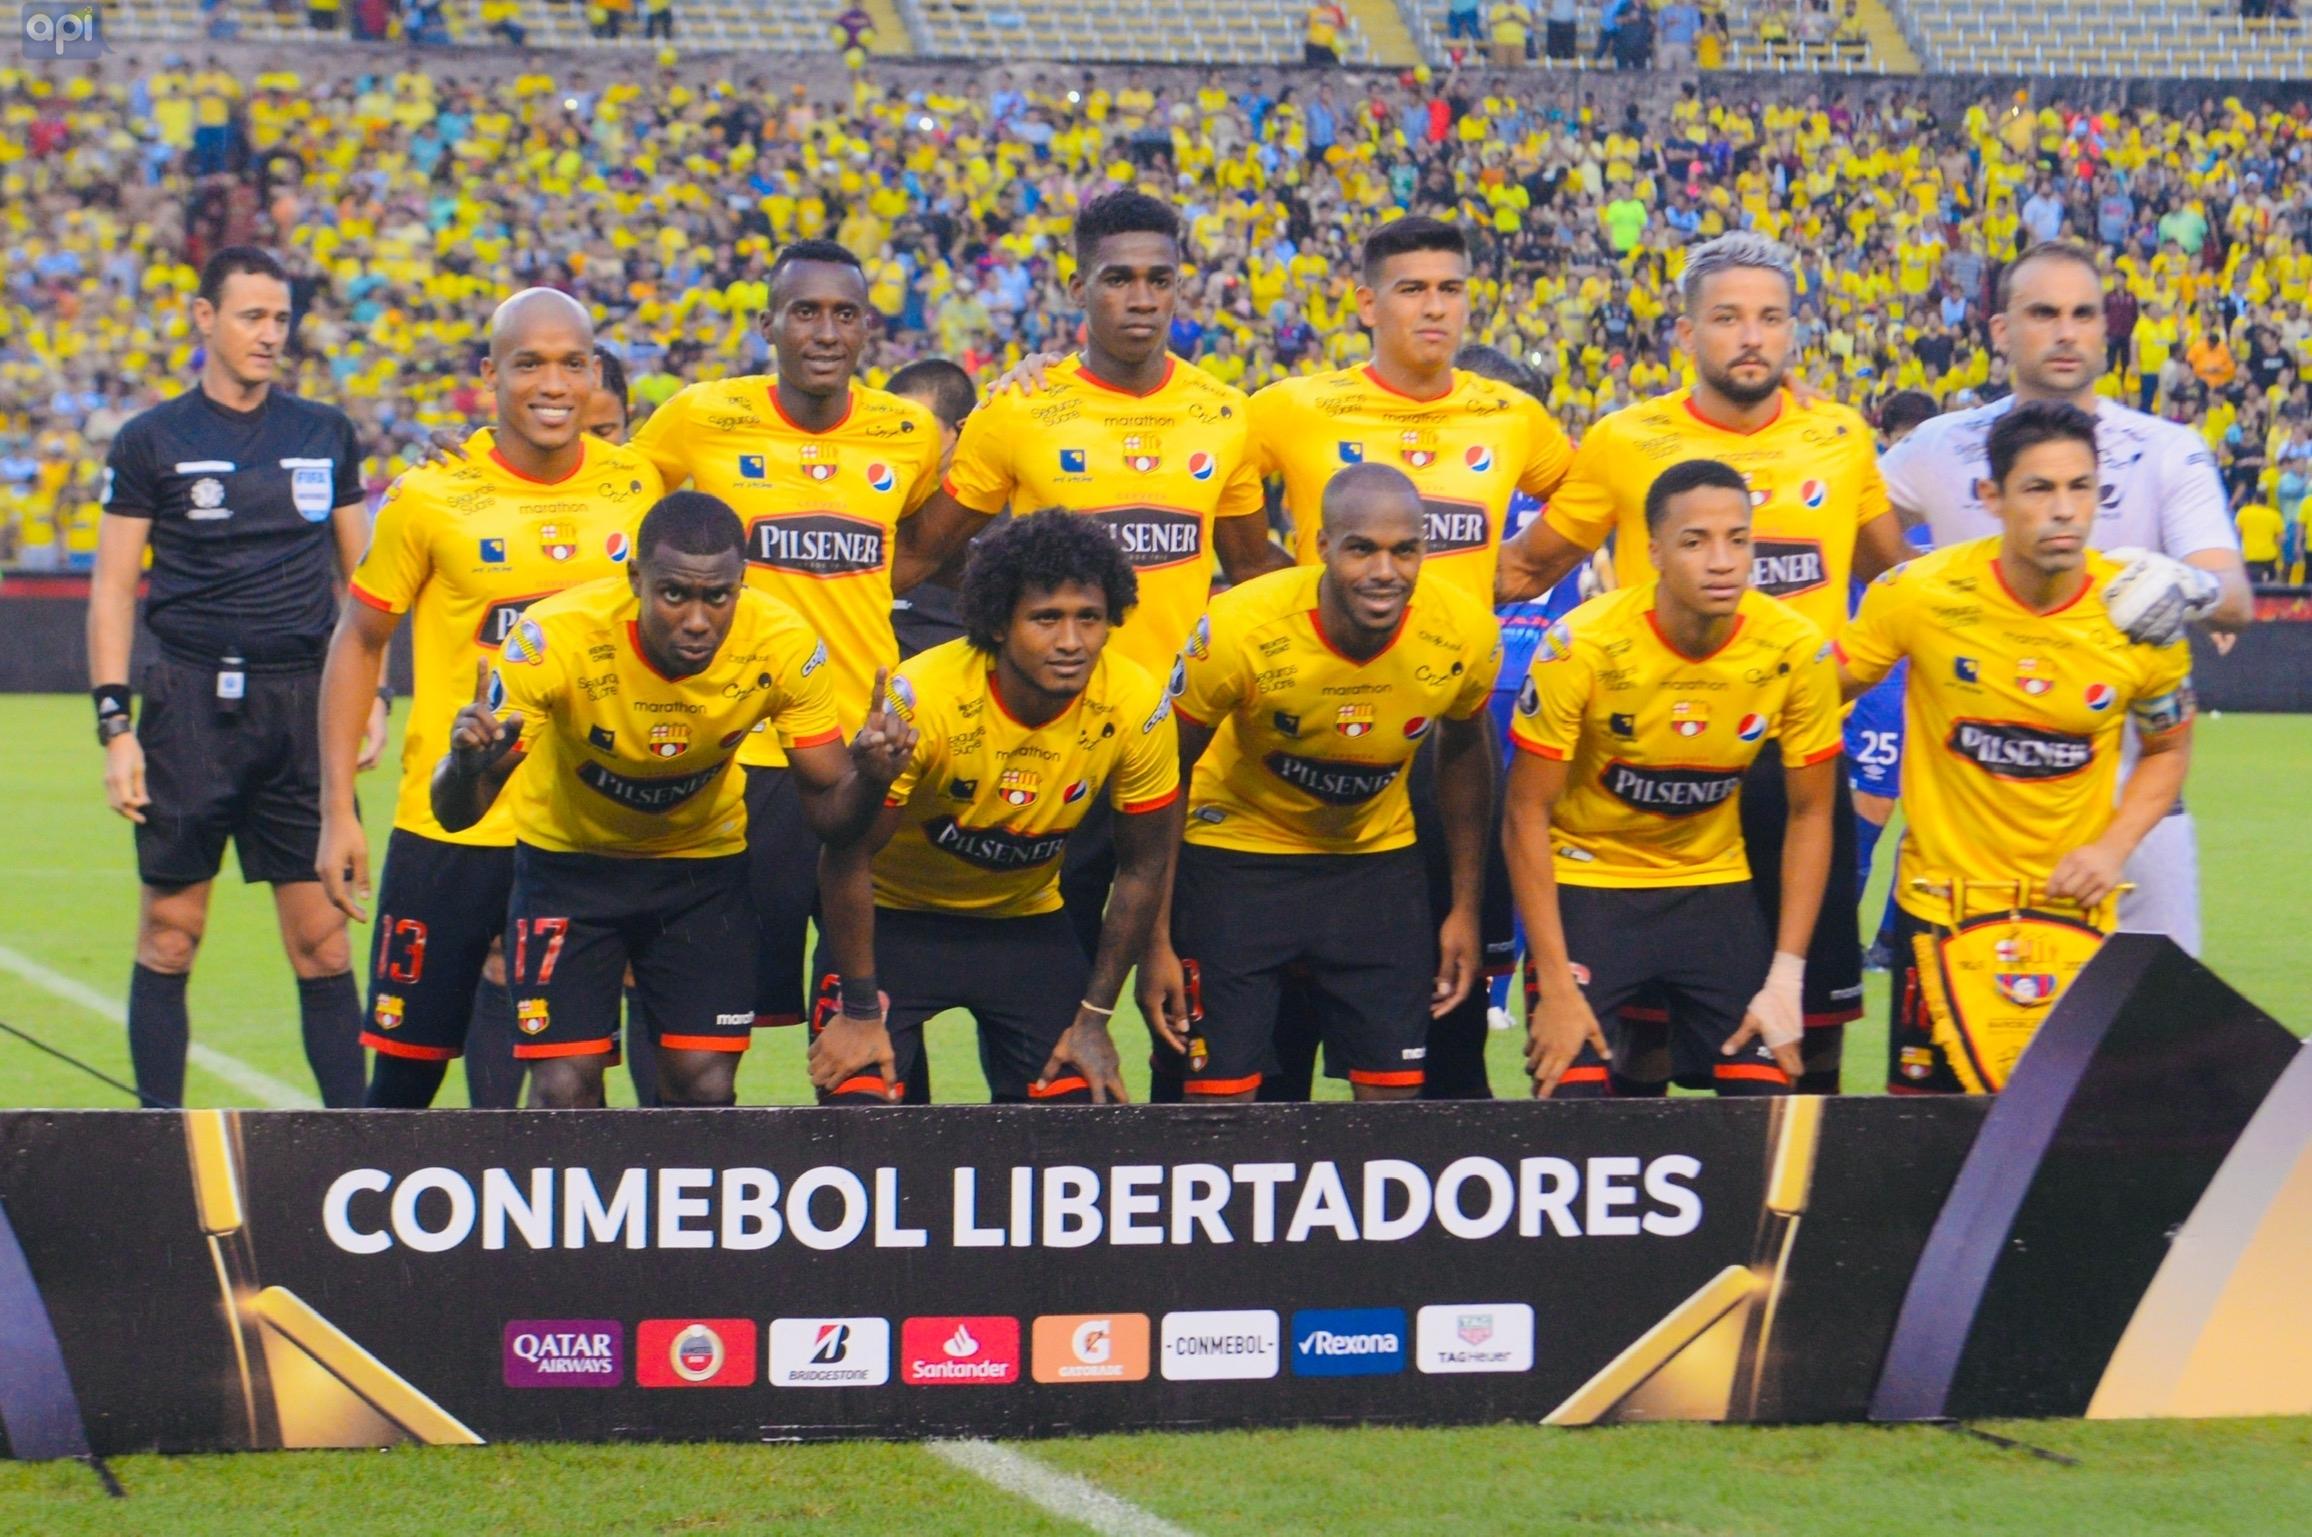 El 'Ídolo' no se da por vencido tras ser eliminado de la Copa Libertadores